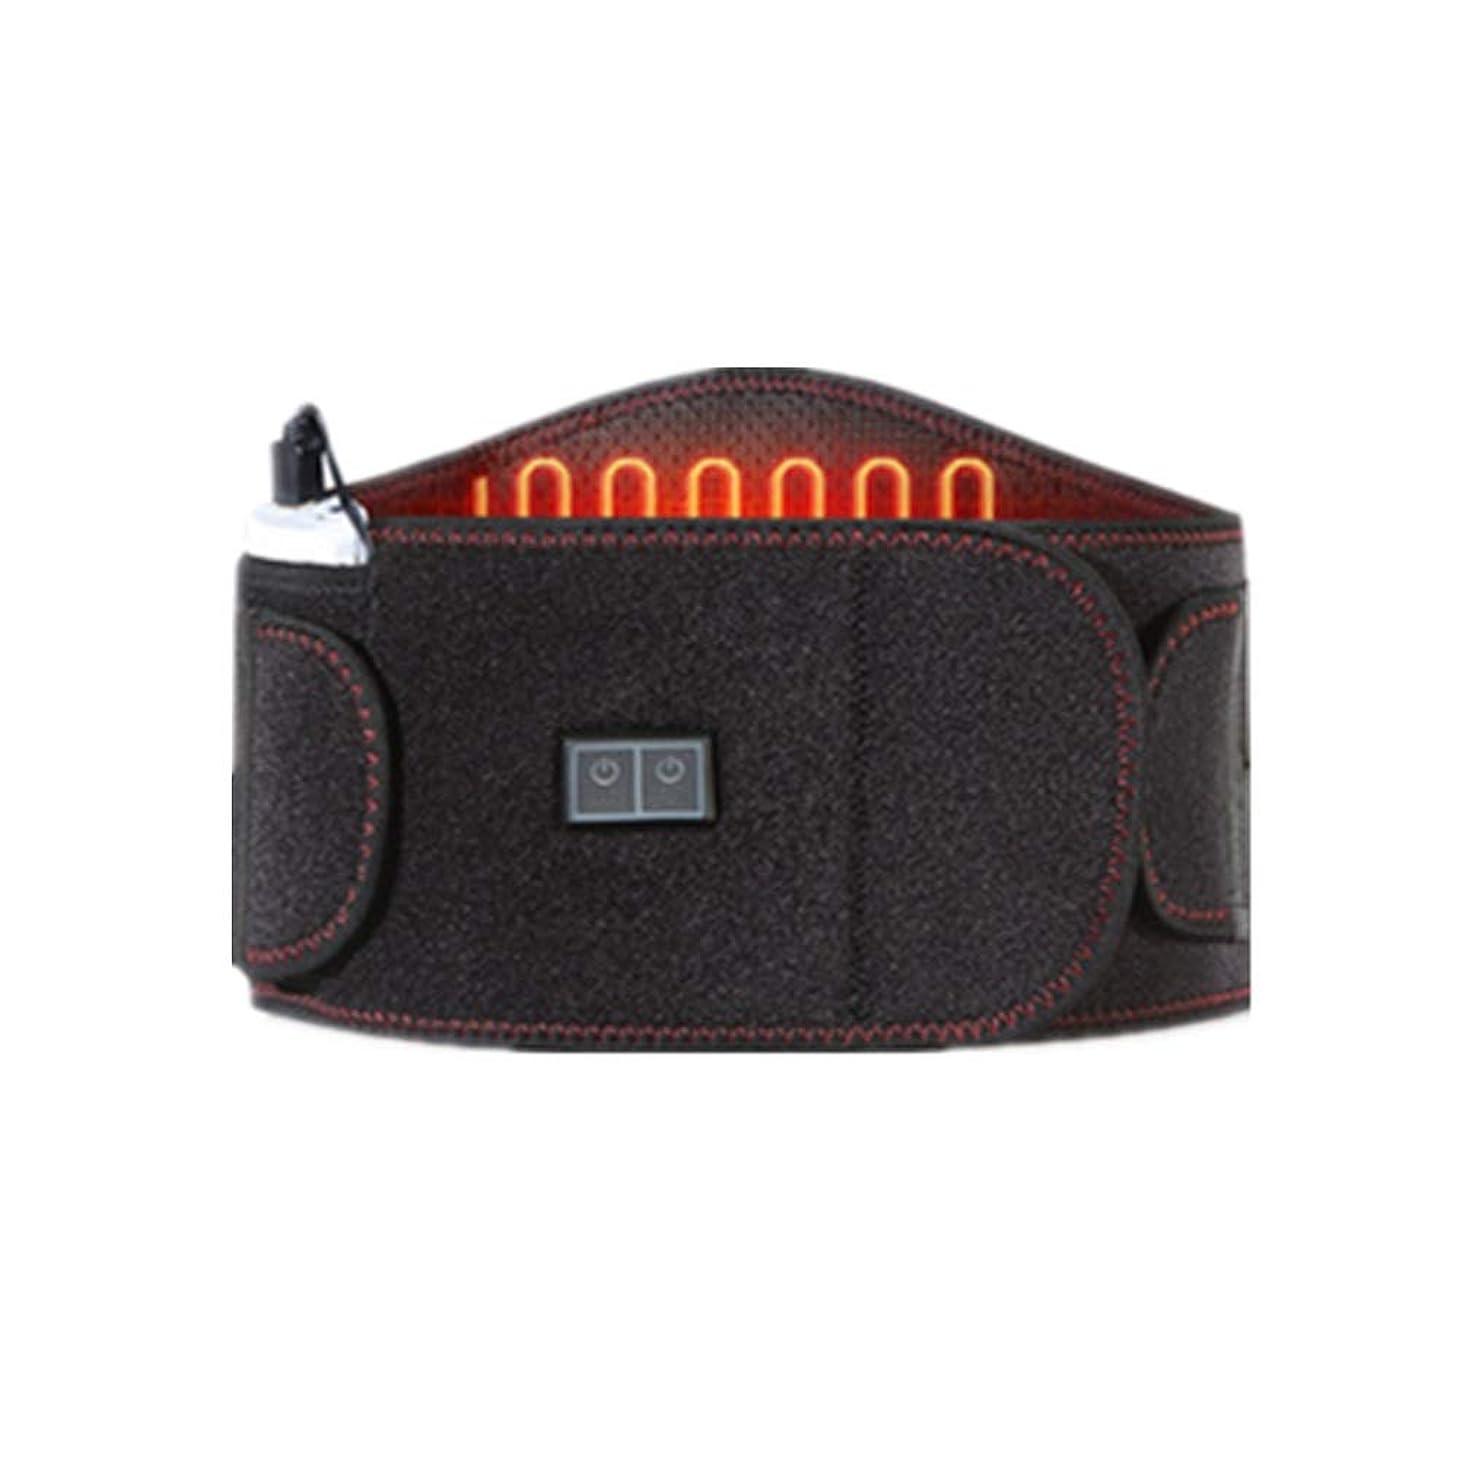 講堂ティッシュリーダーシップ加熱ウエストベルト、ブレースサポート加熱パッド腰部、腰椎痛緩和療法、周波数振動がタイトな筋肉を緩和する、暖かい理学療法USBパワーバンク